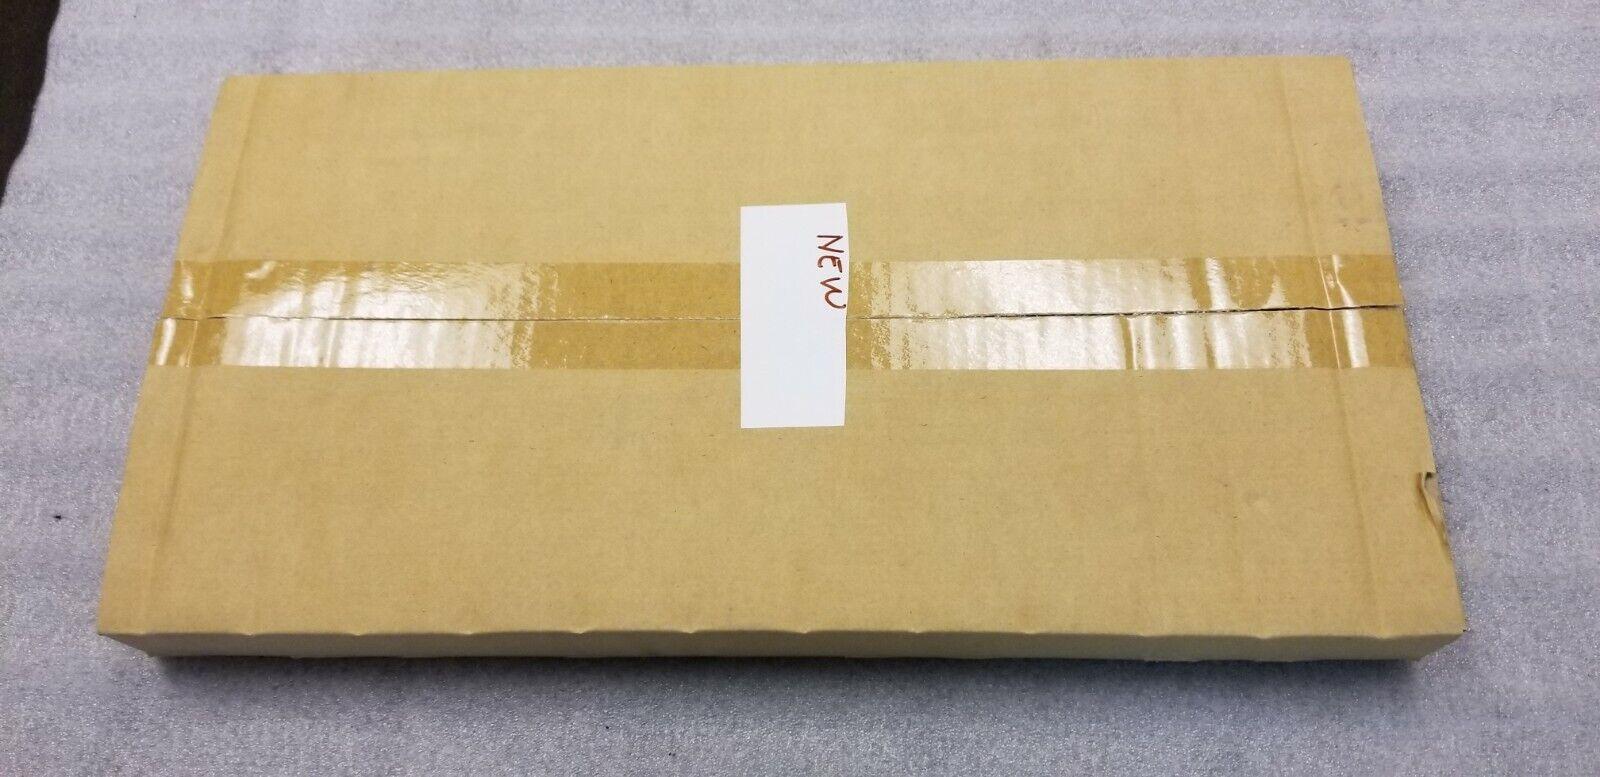 DG61-00563A Samsung Stove Range Griddle Non Stick